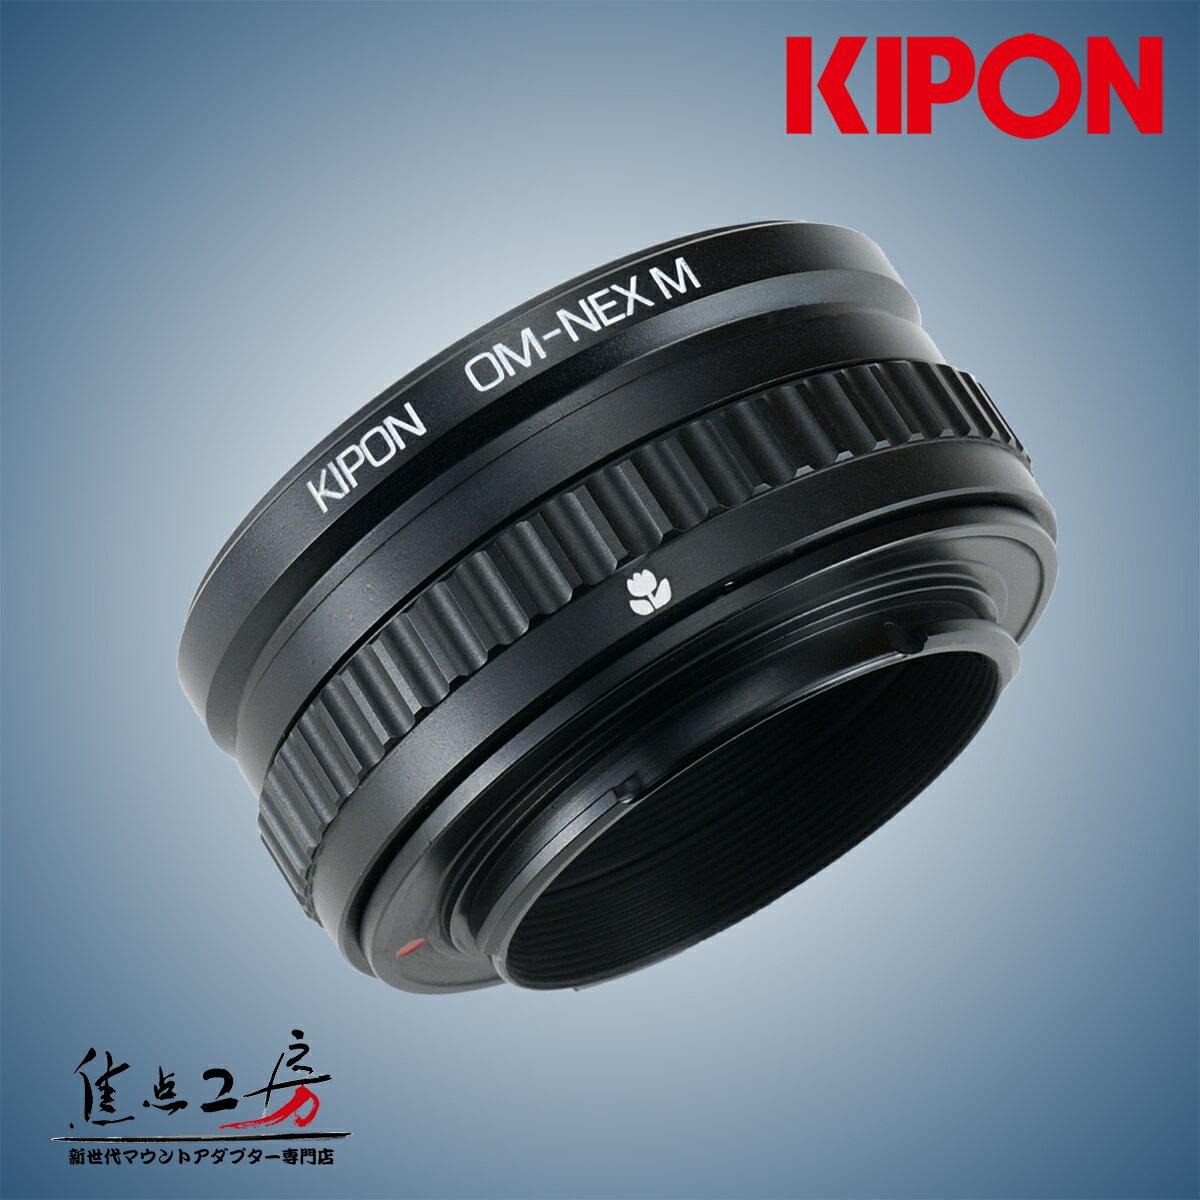 交換レンズ用アクセサリー, マウントアダプター  KIPON OM-SE M (OM-NEX M) OM - NEX.E